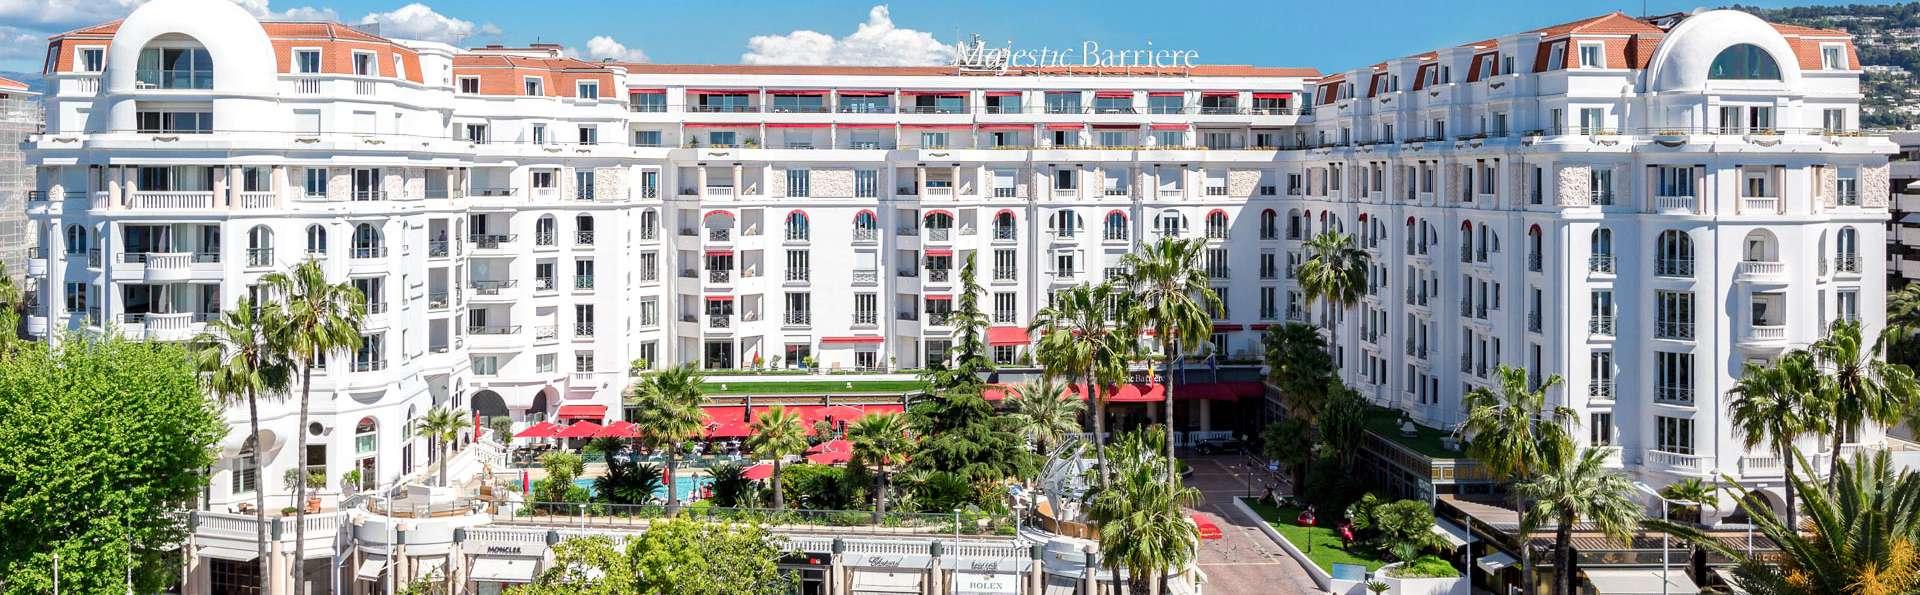 Détente dans le mythique hôtel Majestic Barrière de Cannes